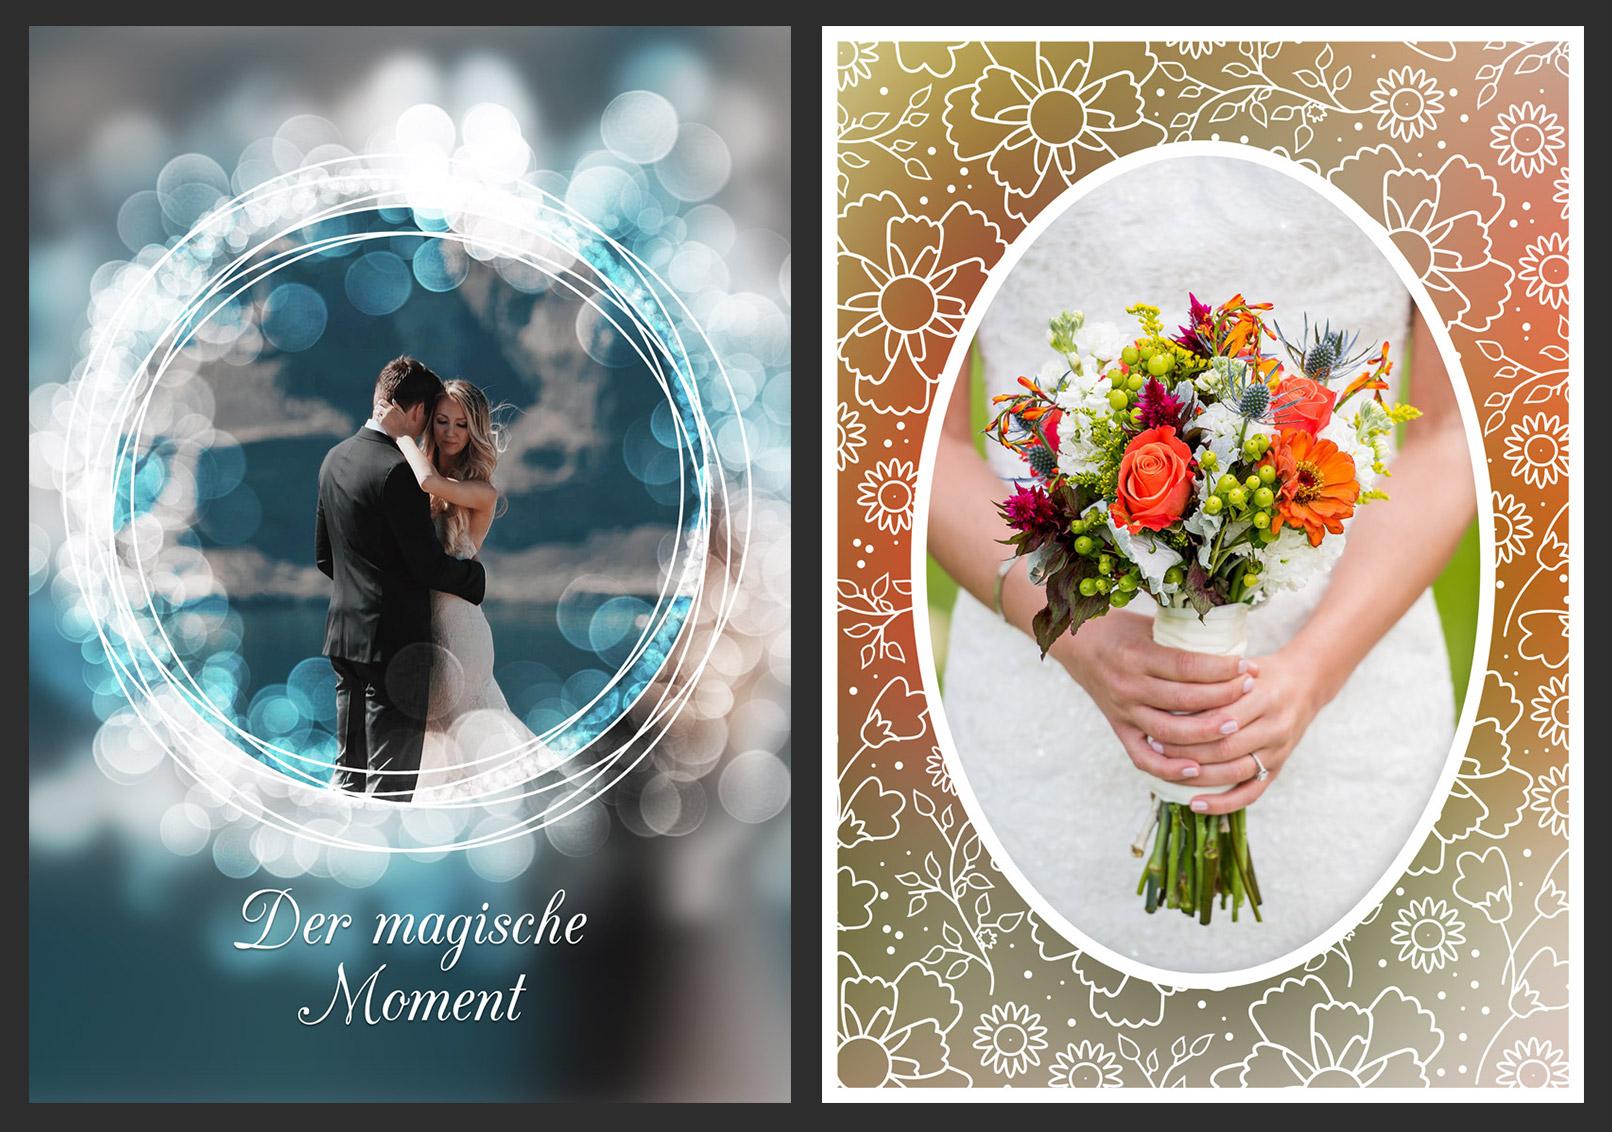 Mit den Photoshop-Aktionen können Hochzeitsfotos in verzierte Bilderrahmen eingearbeitet werden.